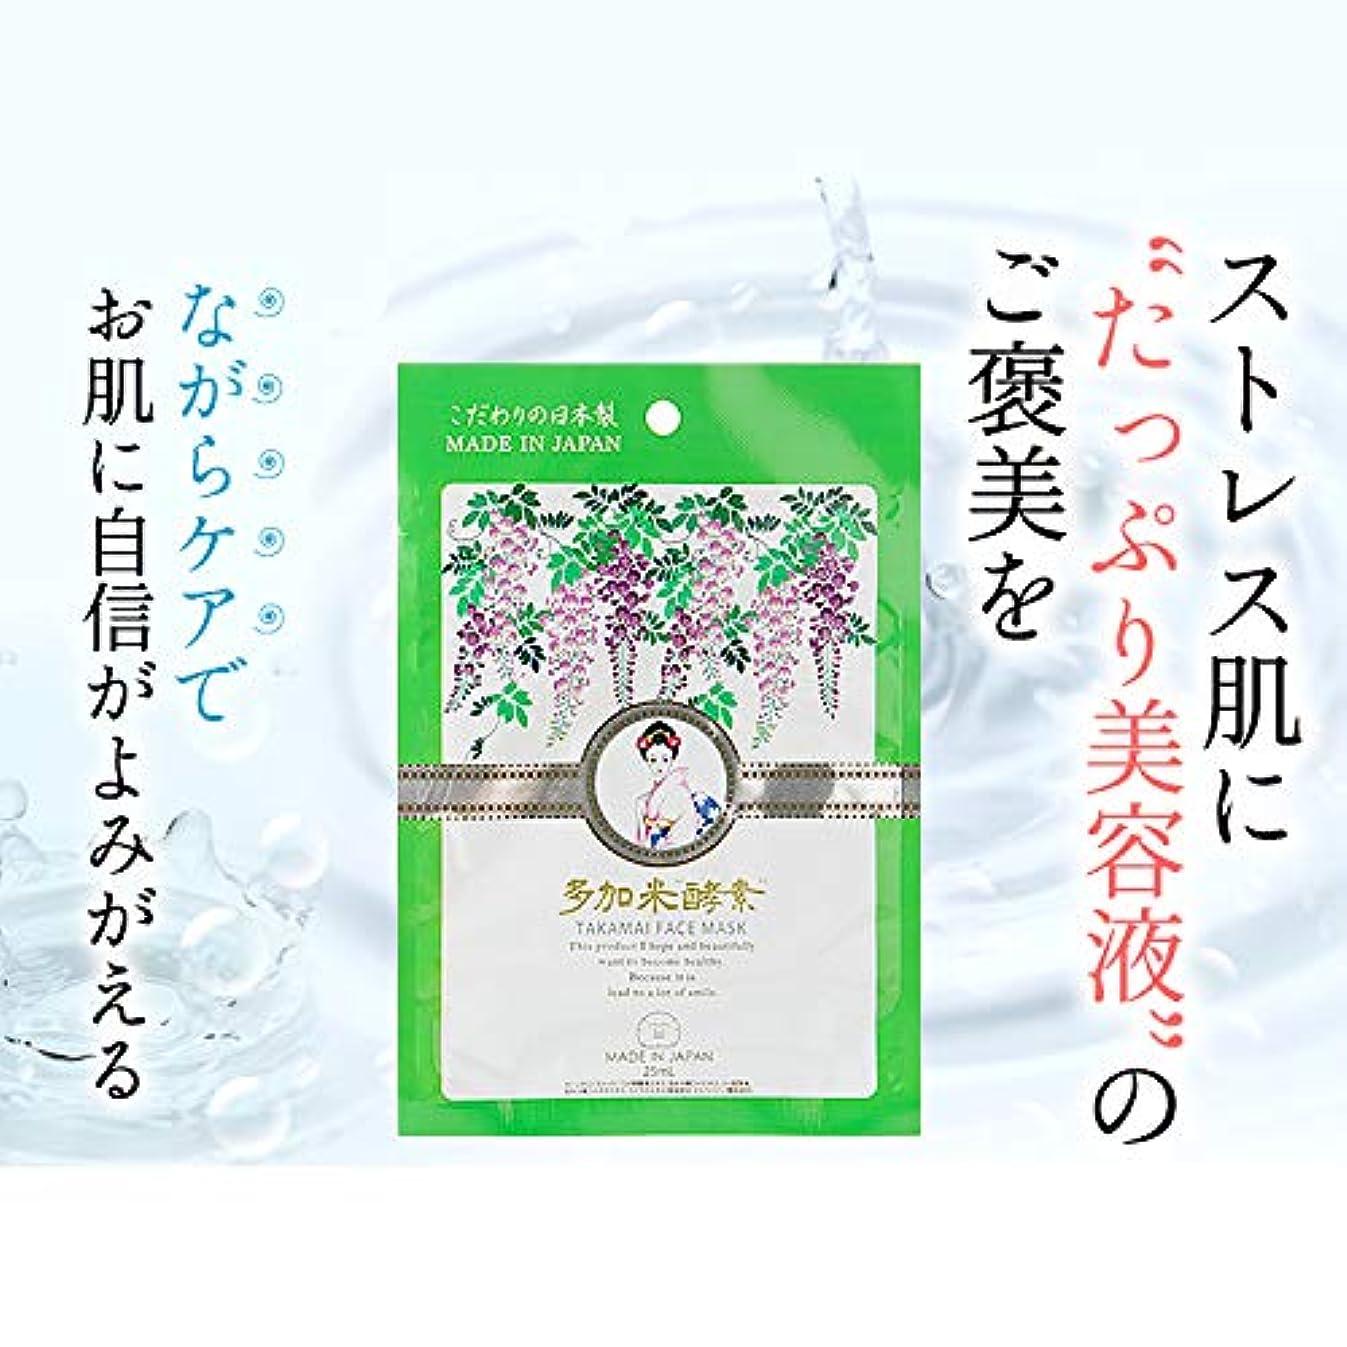 不要印をつける出席する多加米酵素フェイスマスク シートマスク フェイスマスク 保湿マスク 美容液 25ml 20枚セット